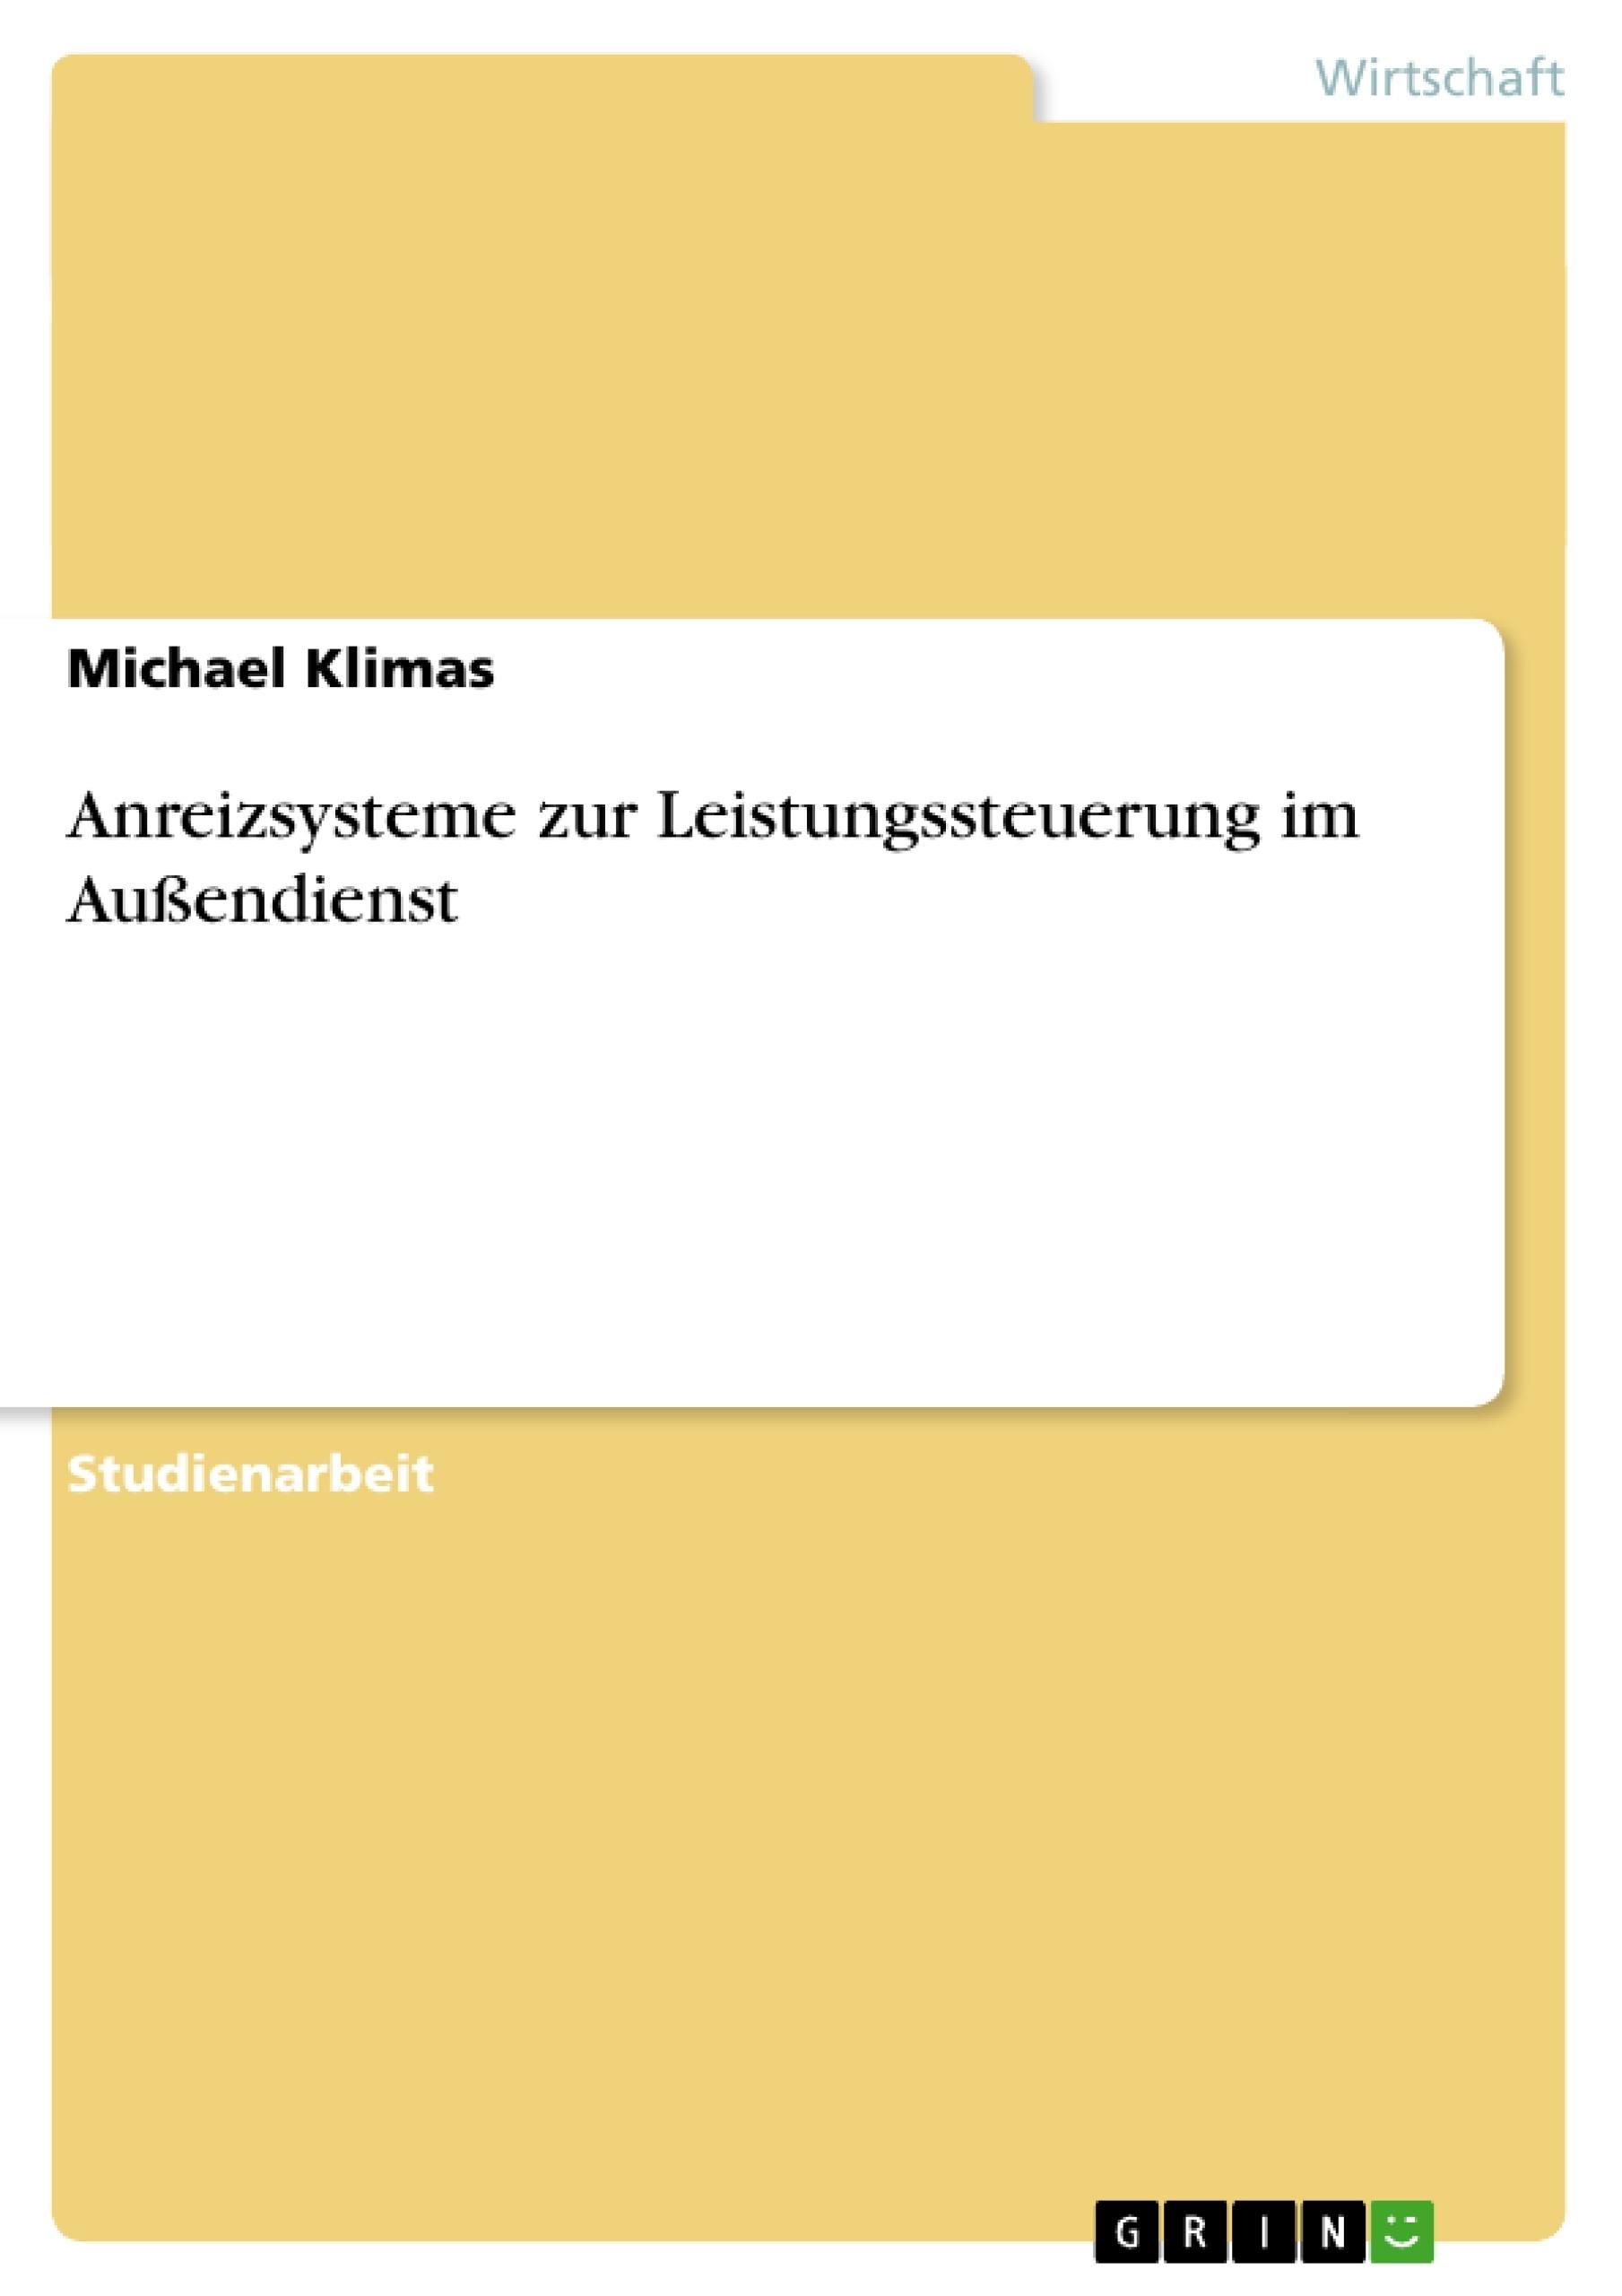 Titel: Anreizsysteme zur Leistungssteuerung im Außendienst